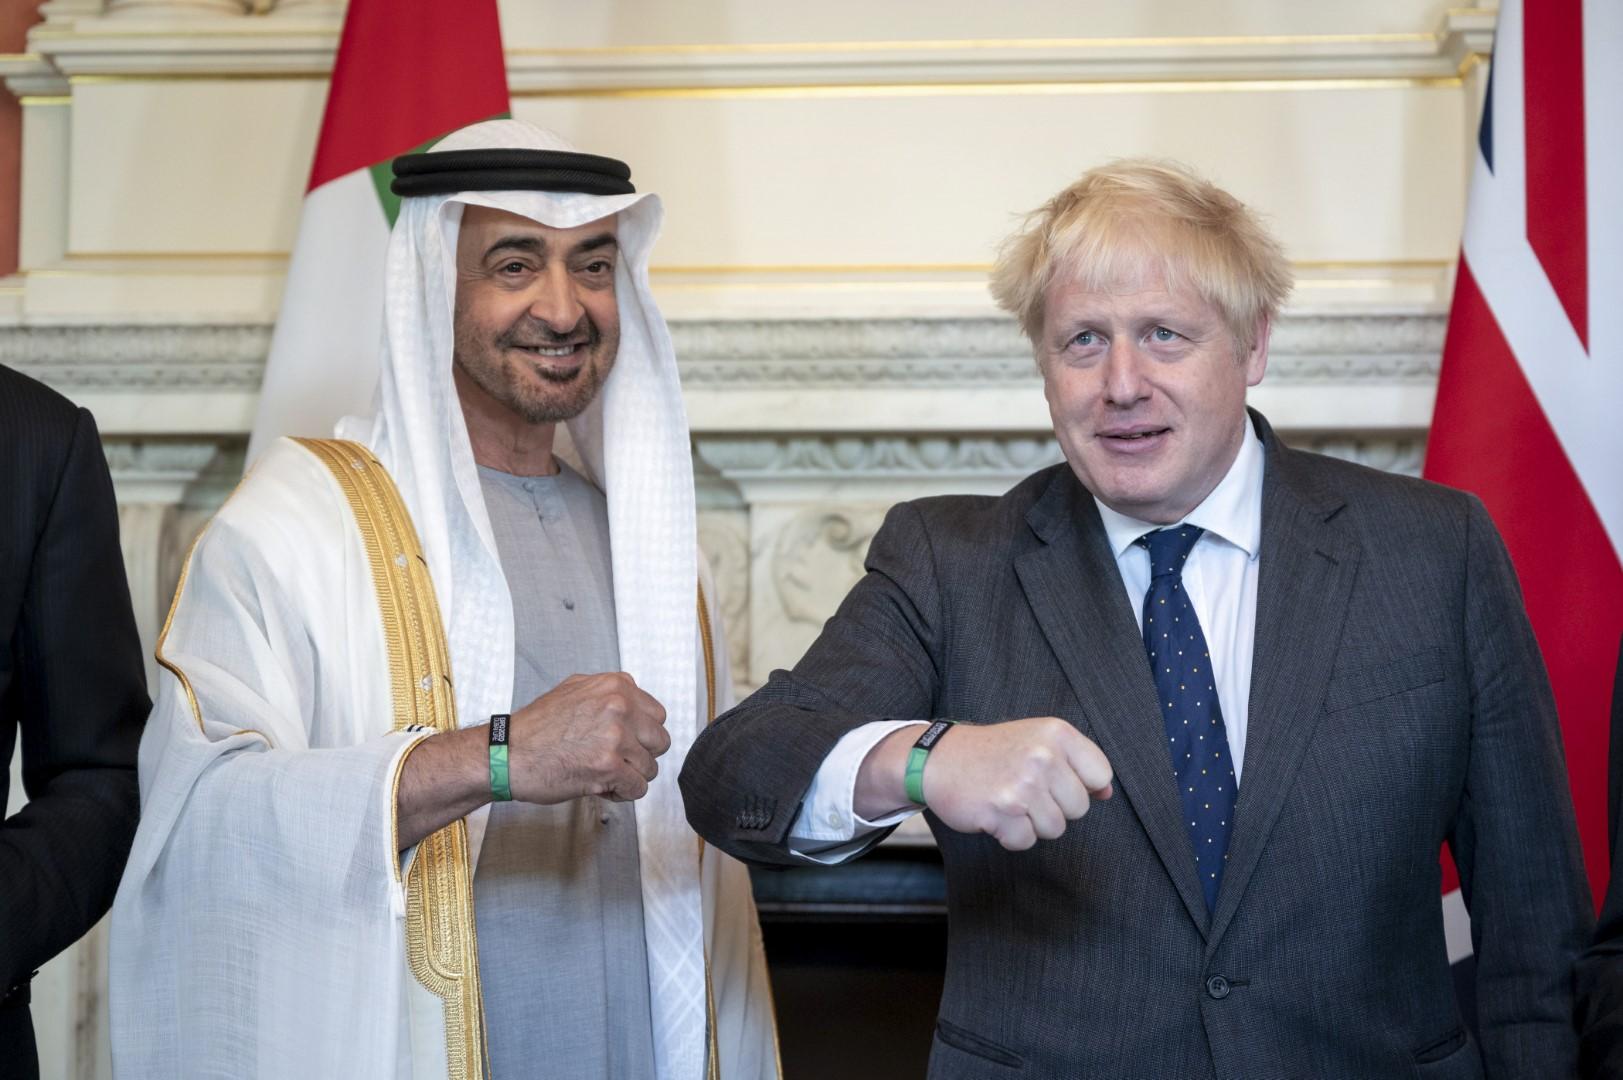 محمد بن زايد ورئيس وزراء بريطانيا يبحثان في لندن علاقات البلدين والتطورات الإقليمية